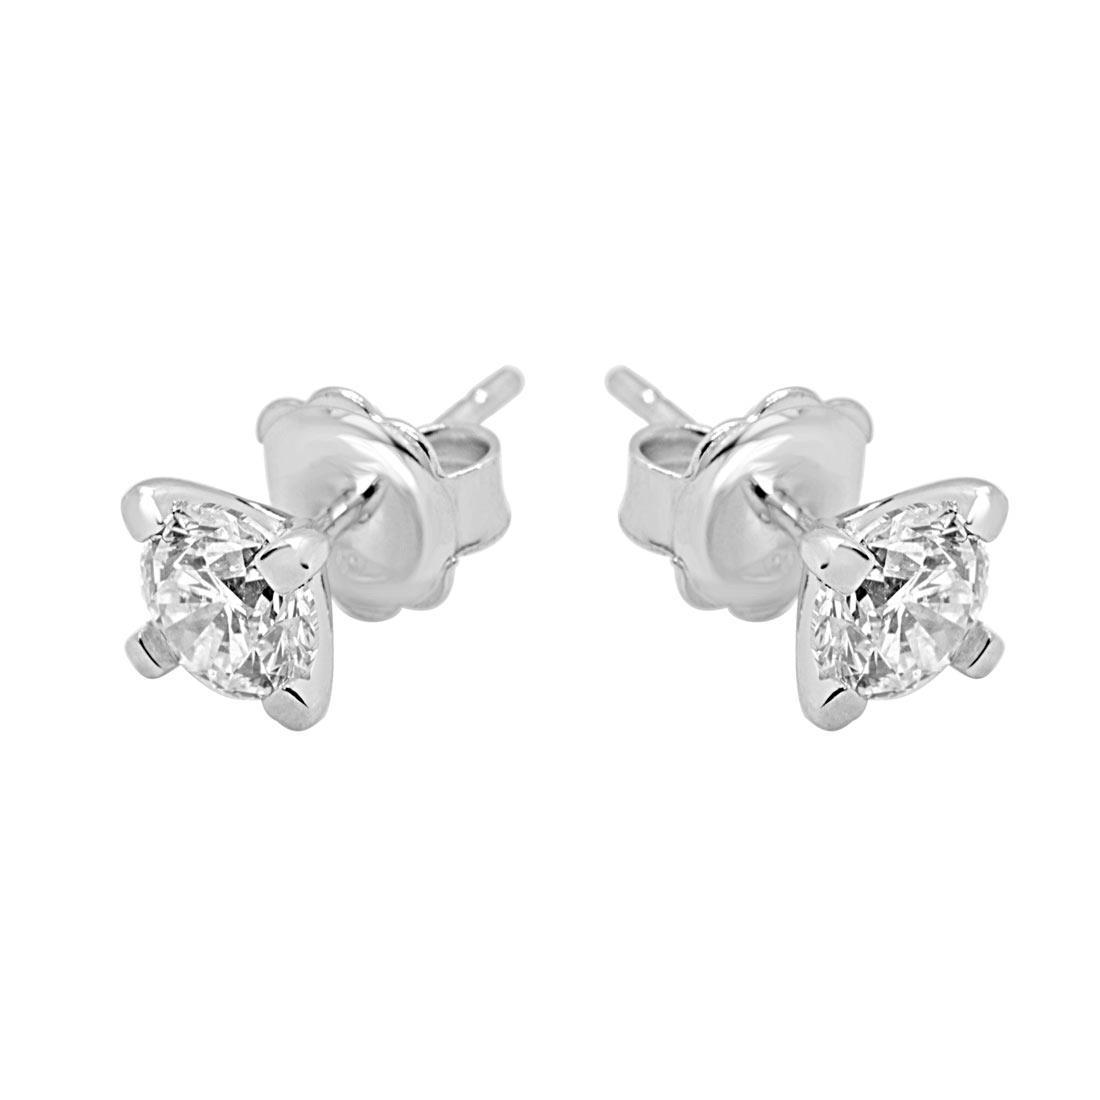 Orecchini punto luce in oro bianco con diamanti 1.40 ct - ALFIERI & ST. JOHN